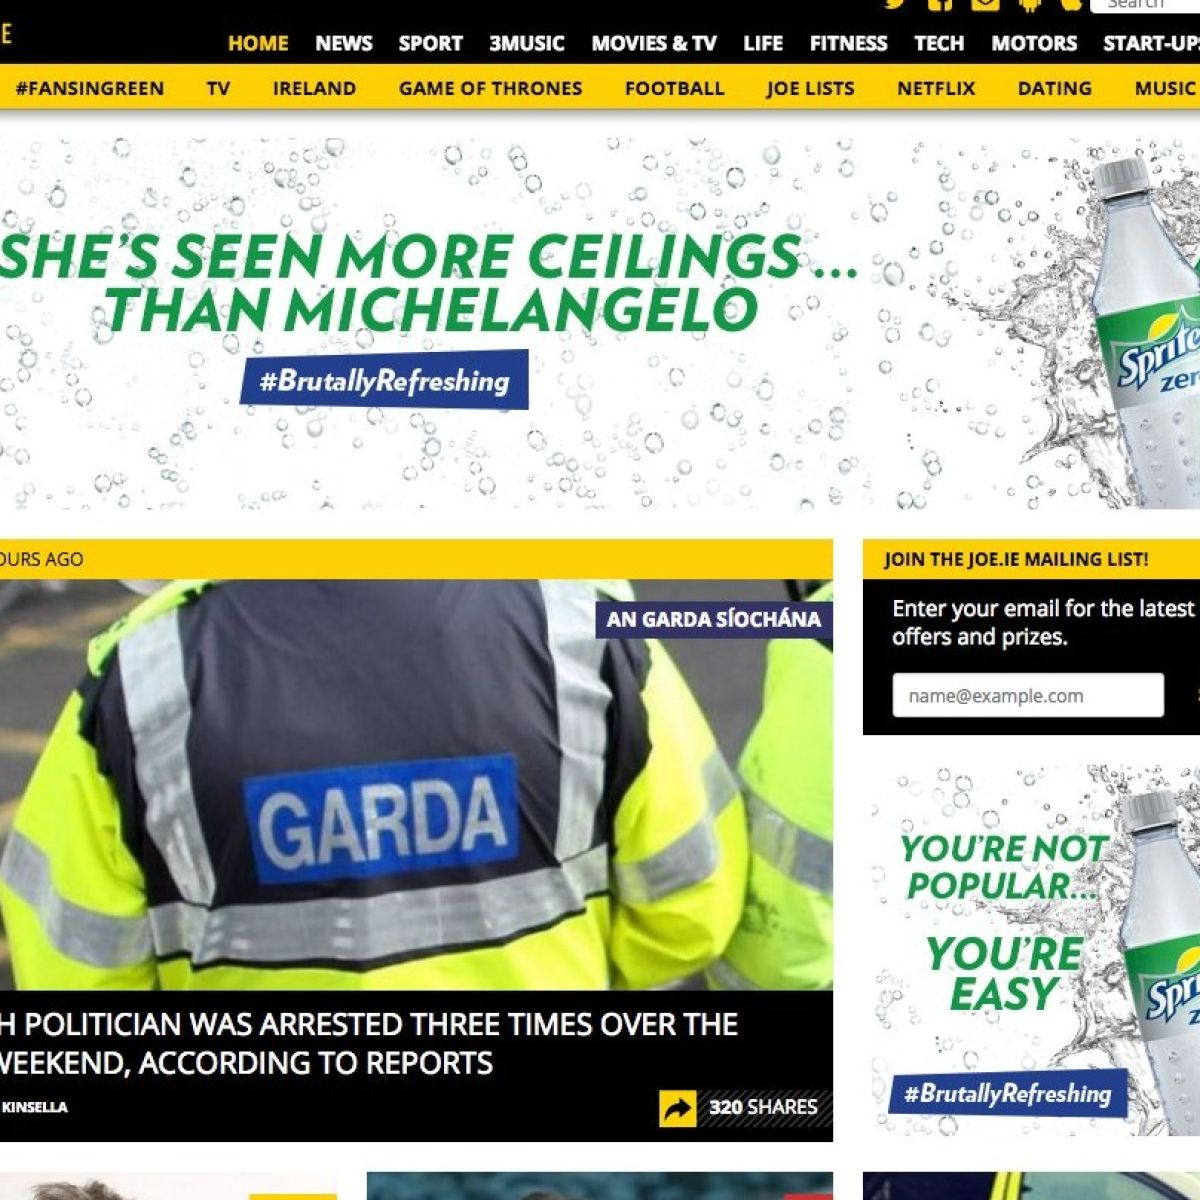 Personals Ireland ads Ireland, Personals classifieds Ireland